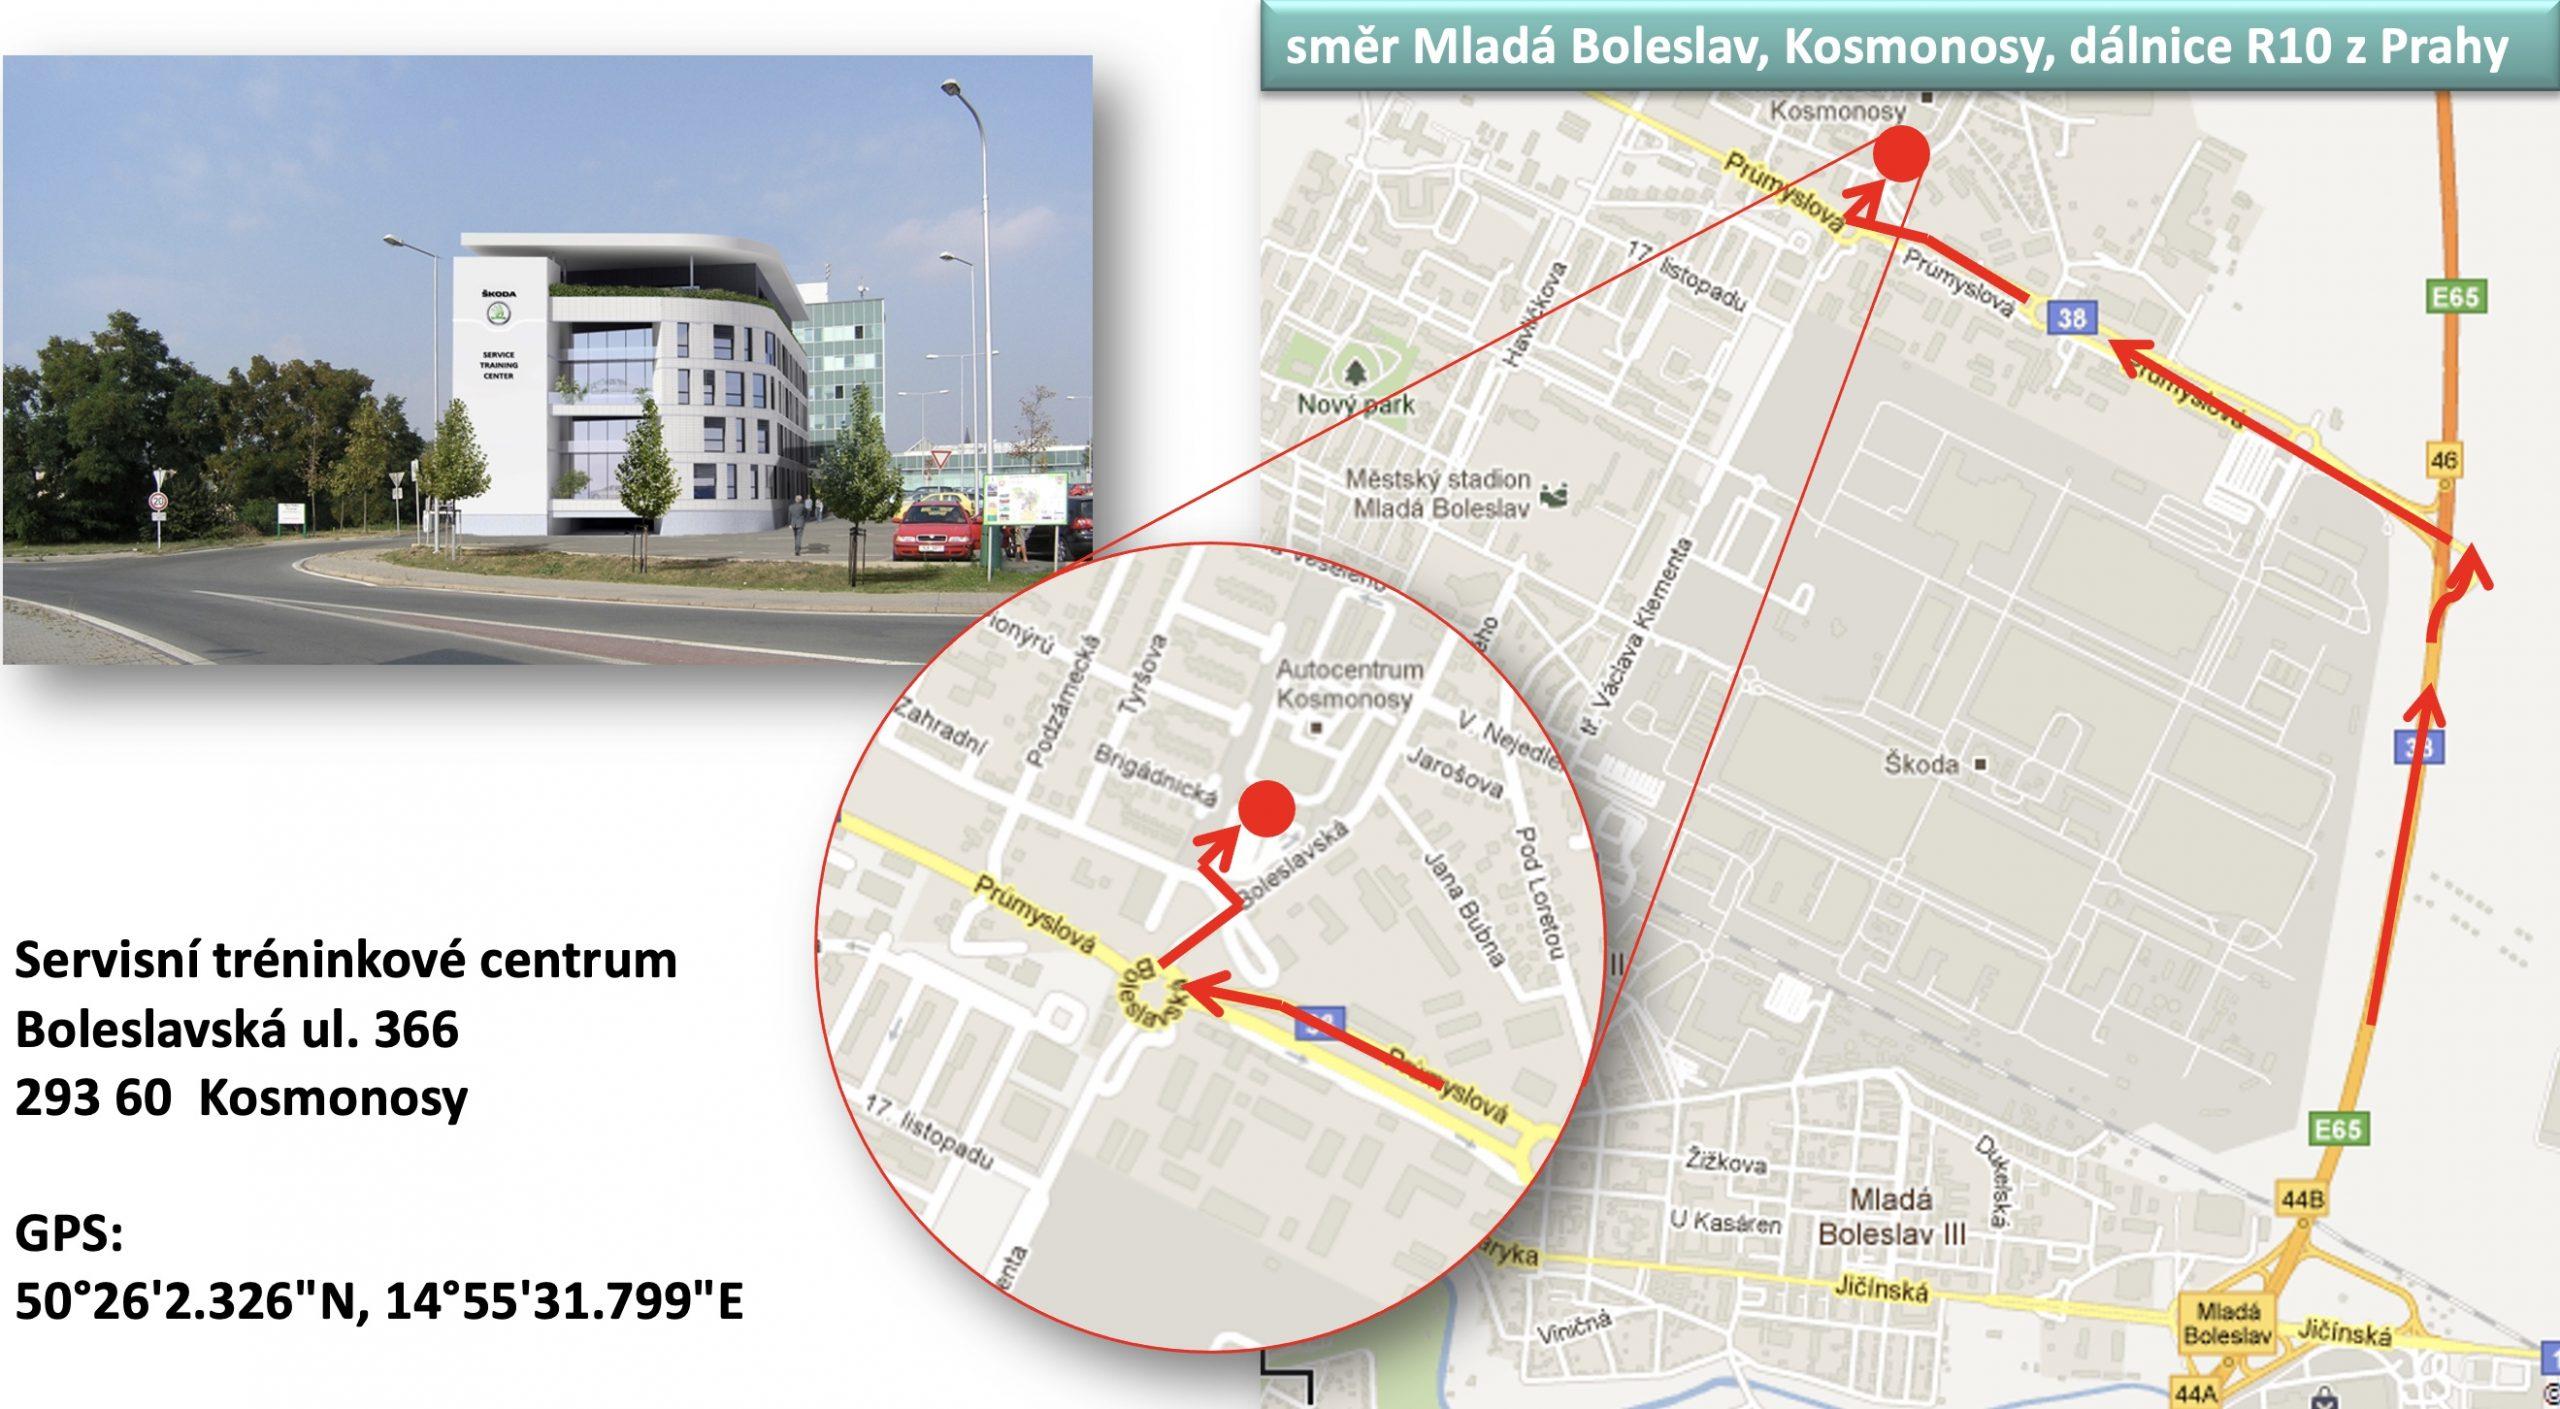 """Seminář: """"Nové trendy ve zpracování plechu"""" se uskuteční 22. září 2021 ve Škoda Servis Training Center (Kosmonosy, sál Mission)"""